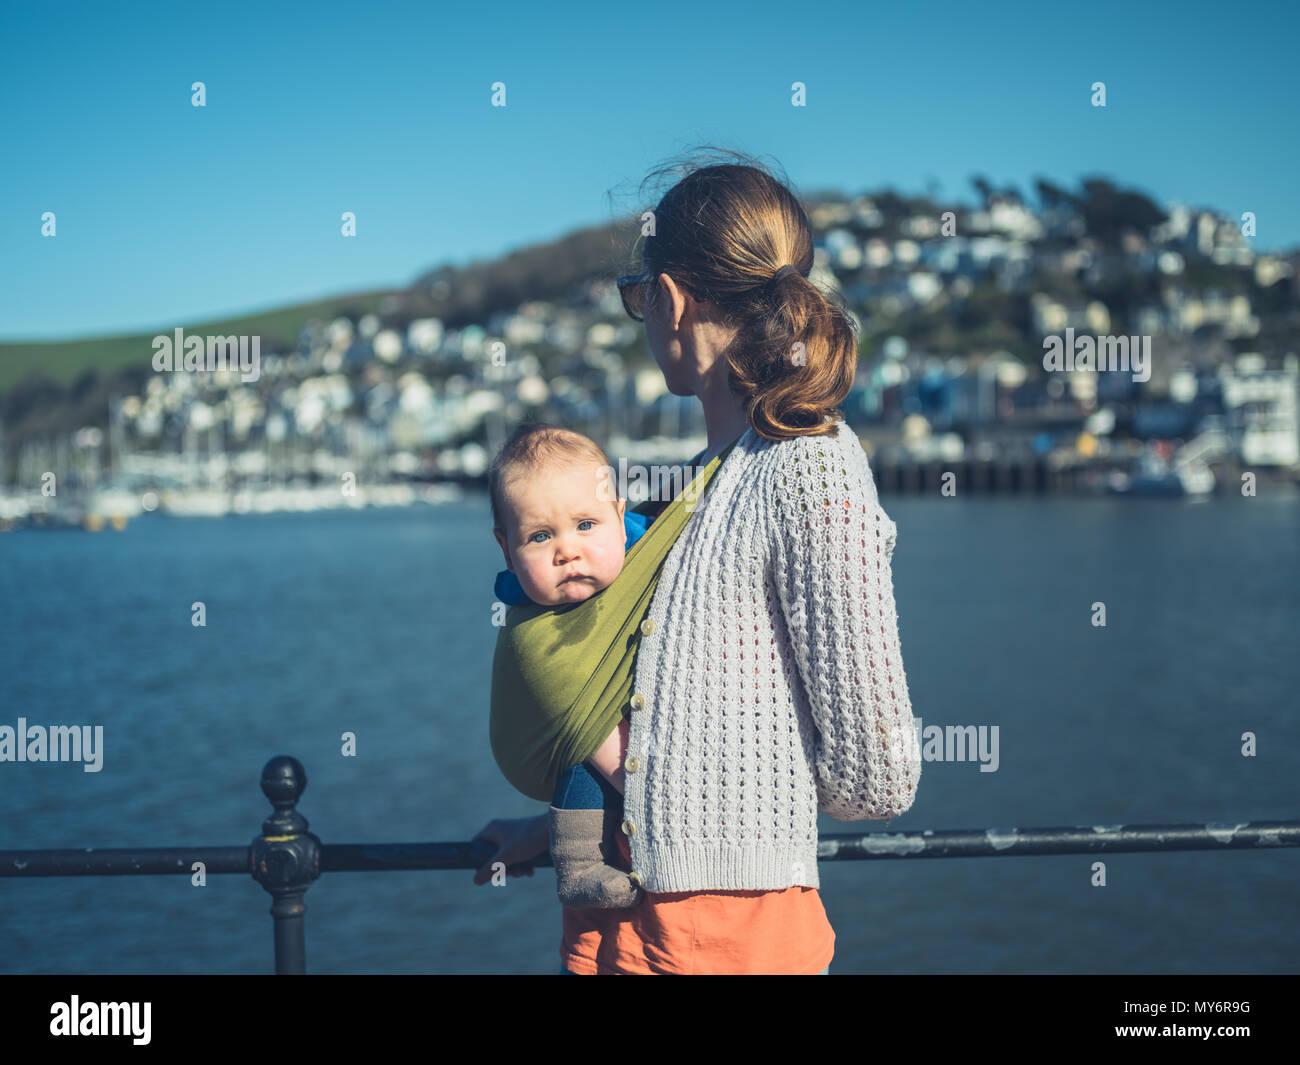 Una giovane madre è in piedi vicino al fiume in un piccolo villaggio con il suo bambino in una imbracatura Immagini Stock